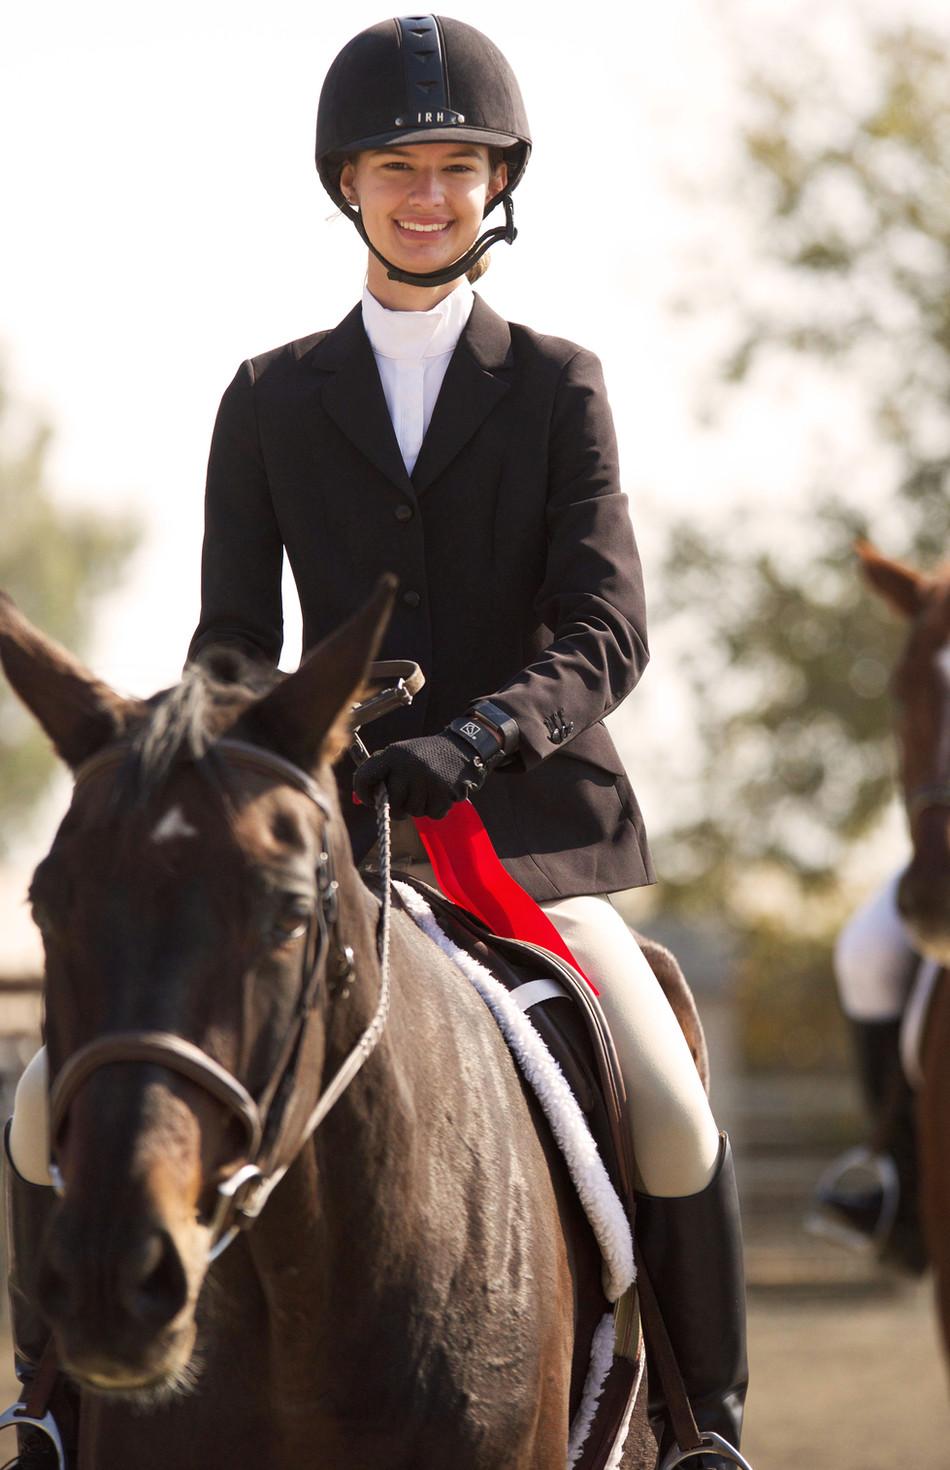 Equitation - SAHJA H/J Show